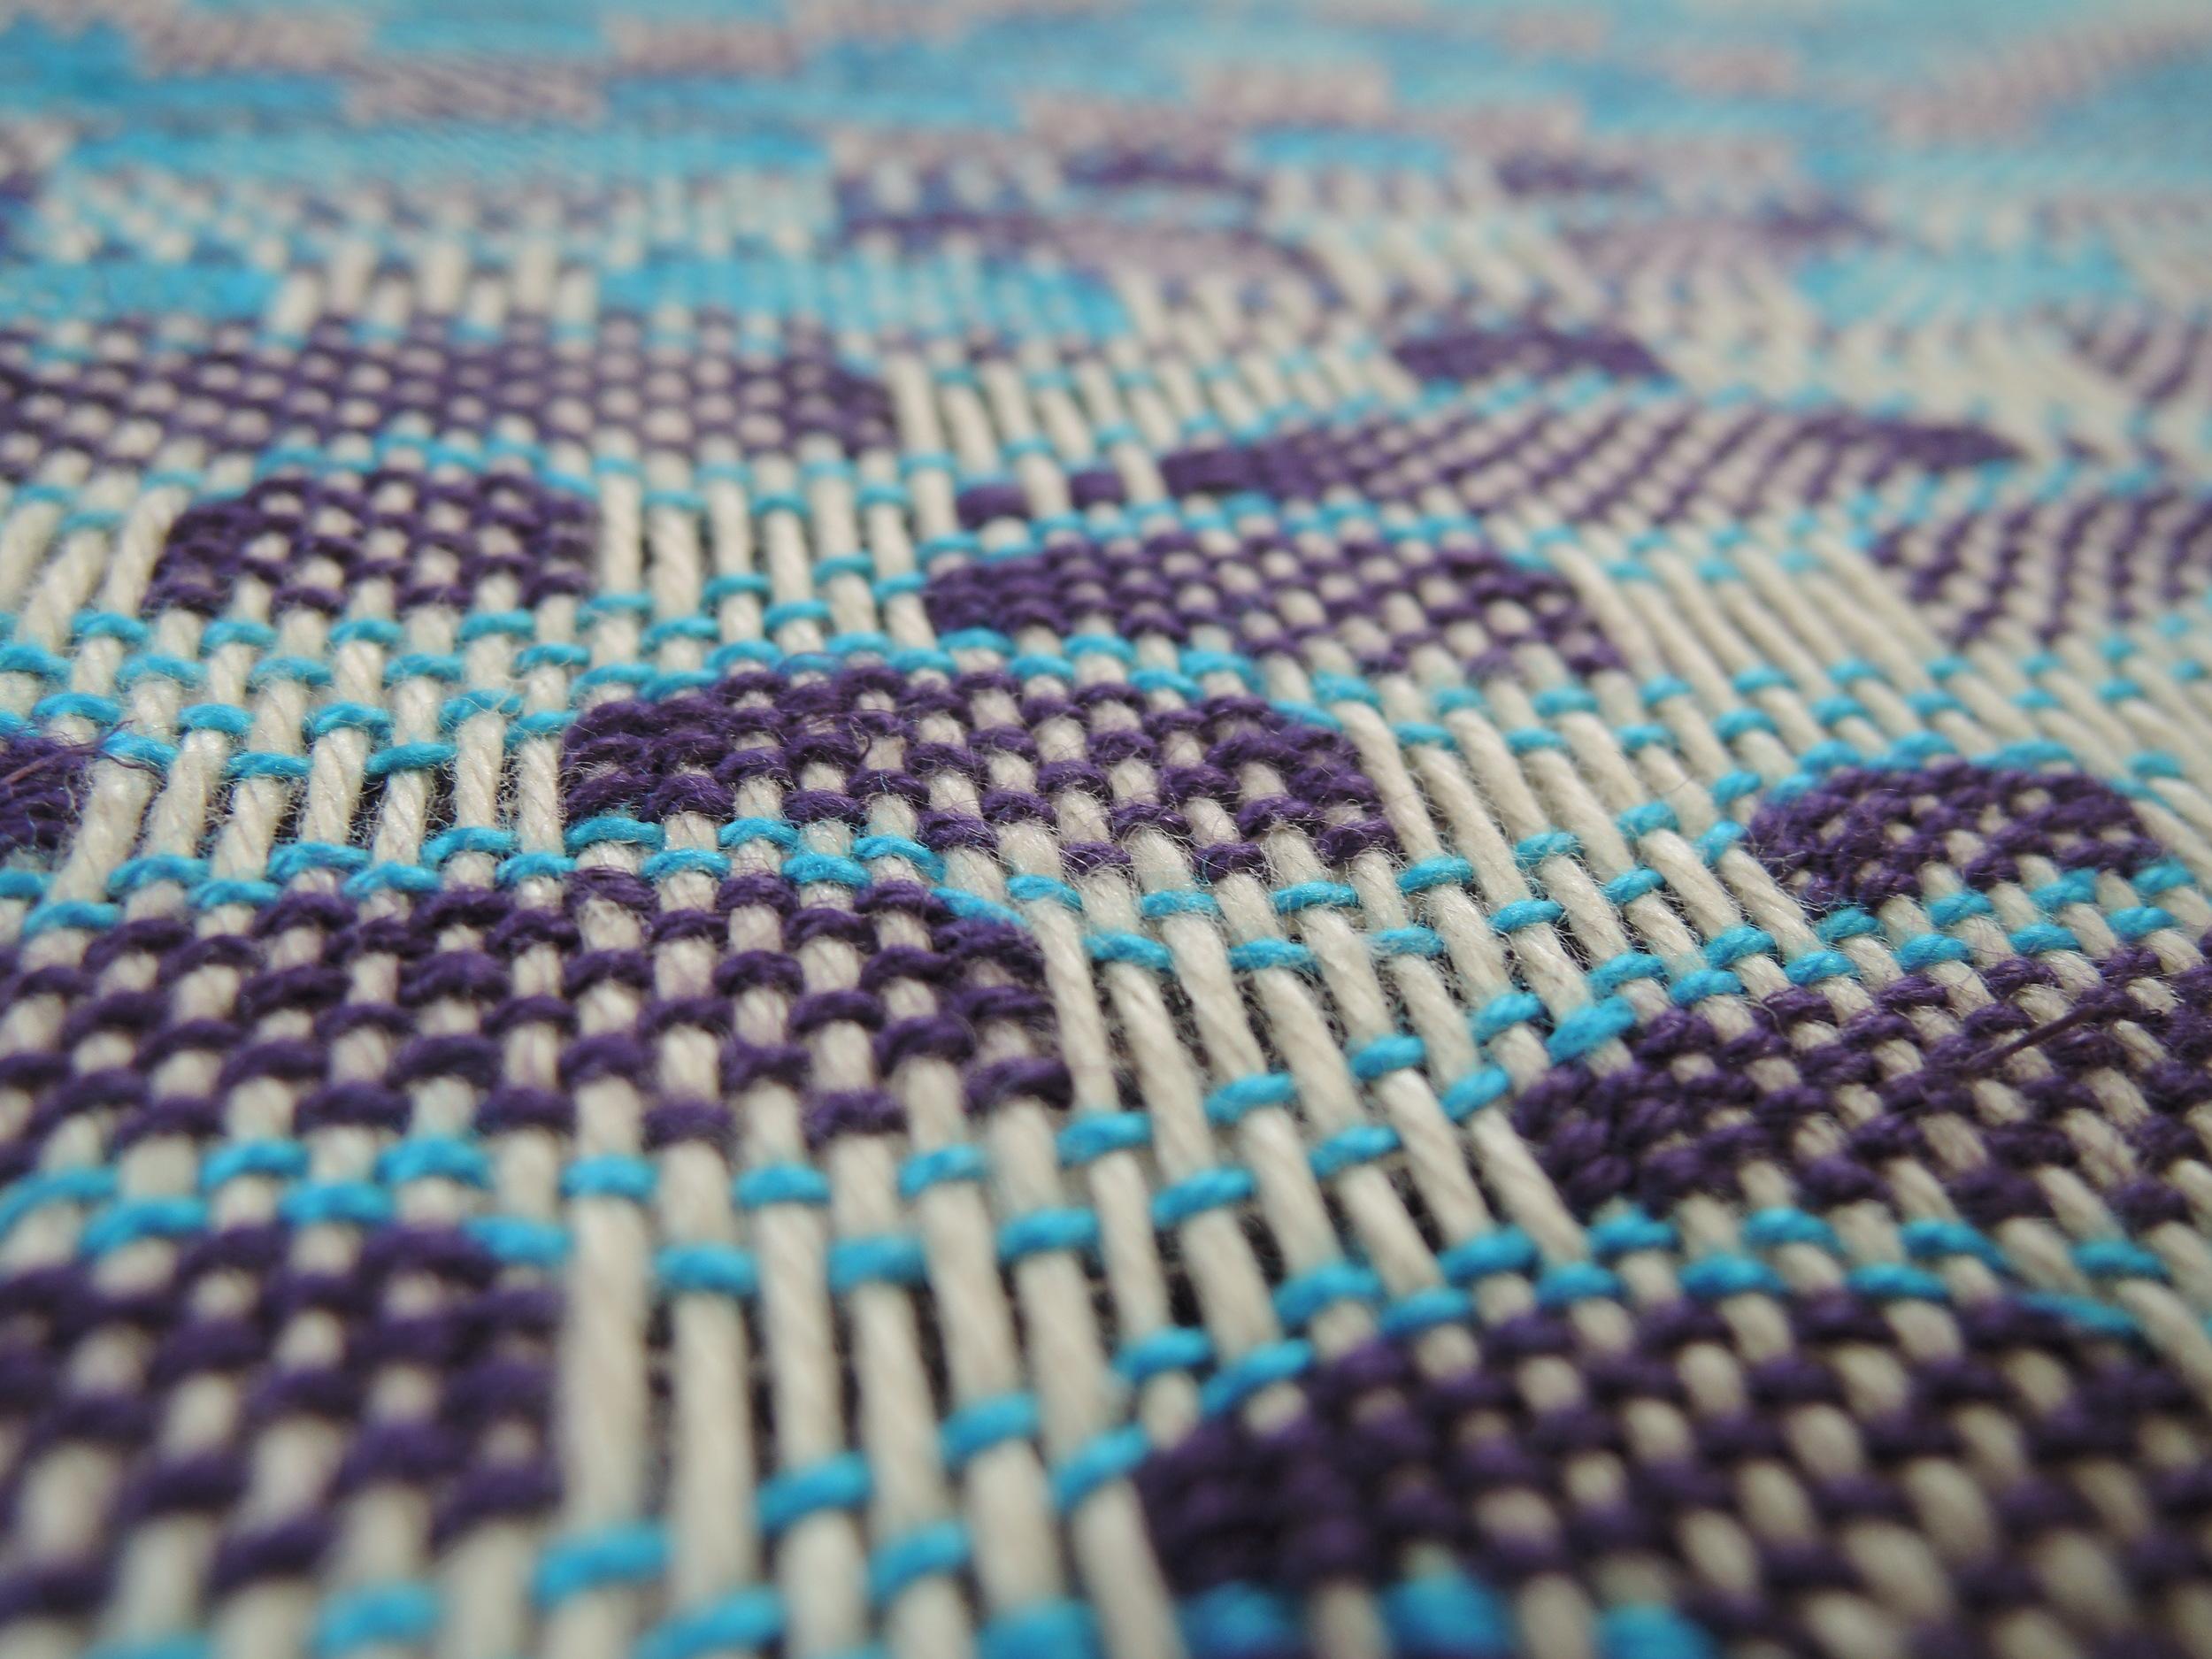 Detail shot of the undulating fibers.